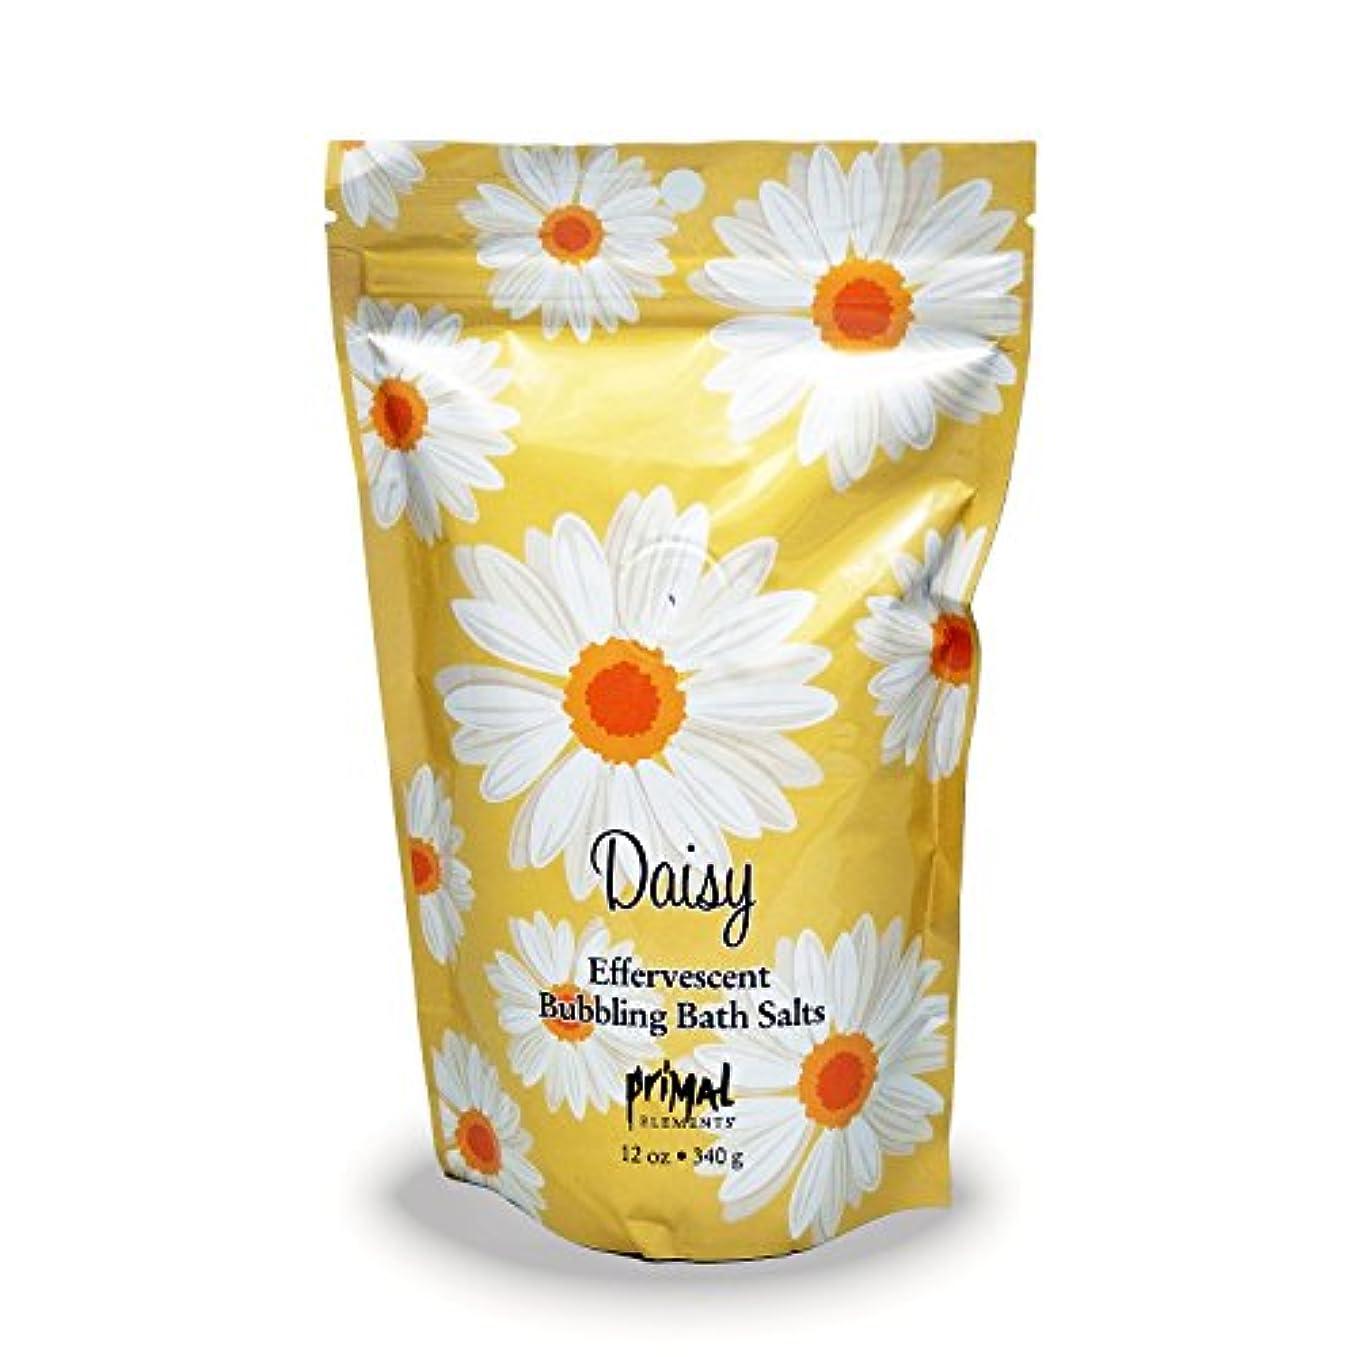 居間ほとんどない信頼性のあるプライモールエレメンツ バブリング バスソルト/デイジー 340g エプソムソルト含有 アロマの香りがひろがる泡立つ入浴剤